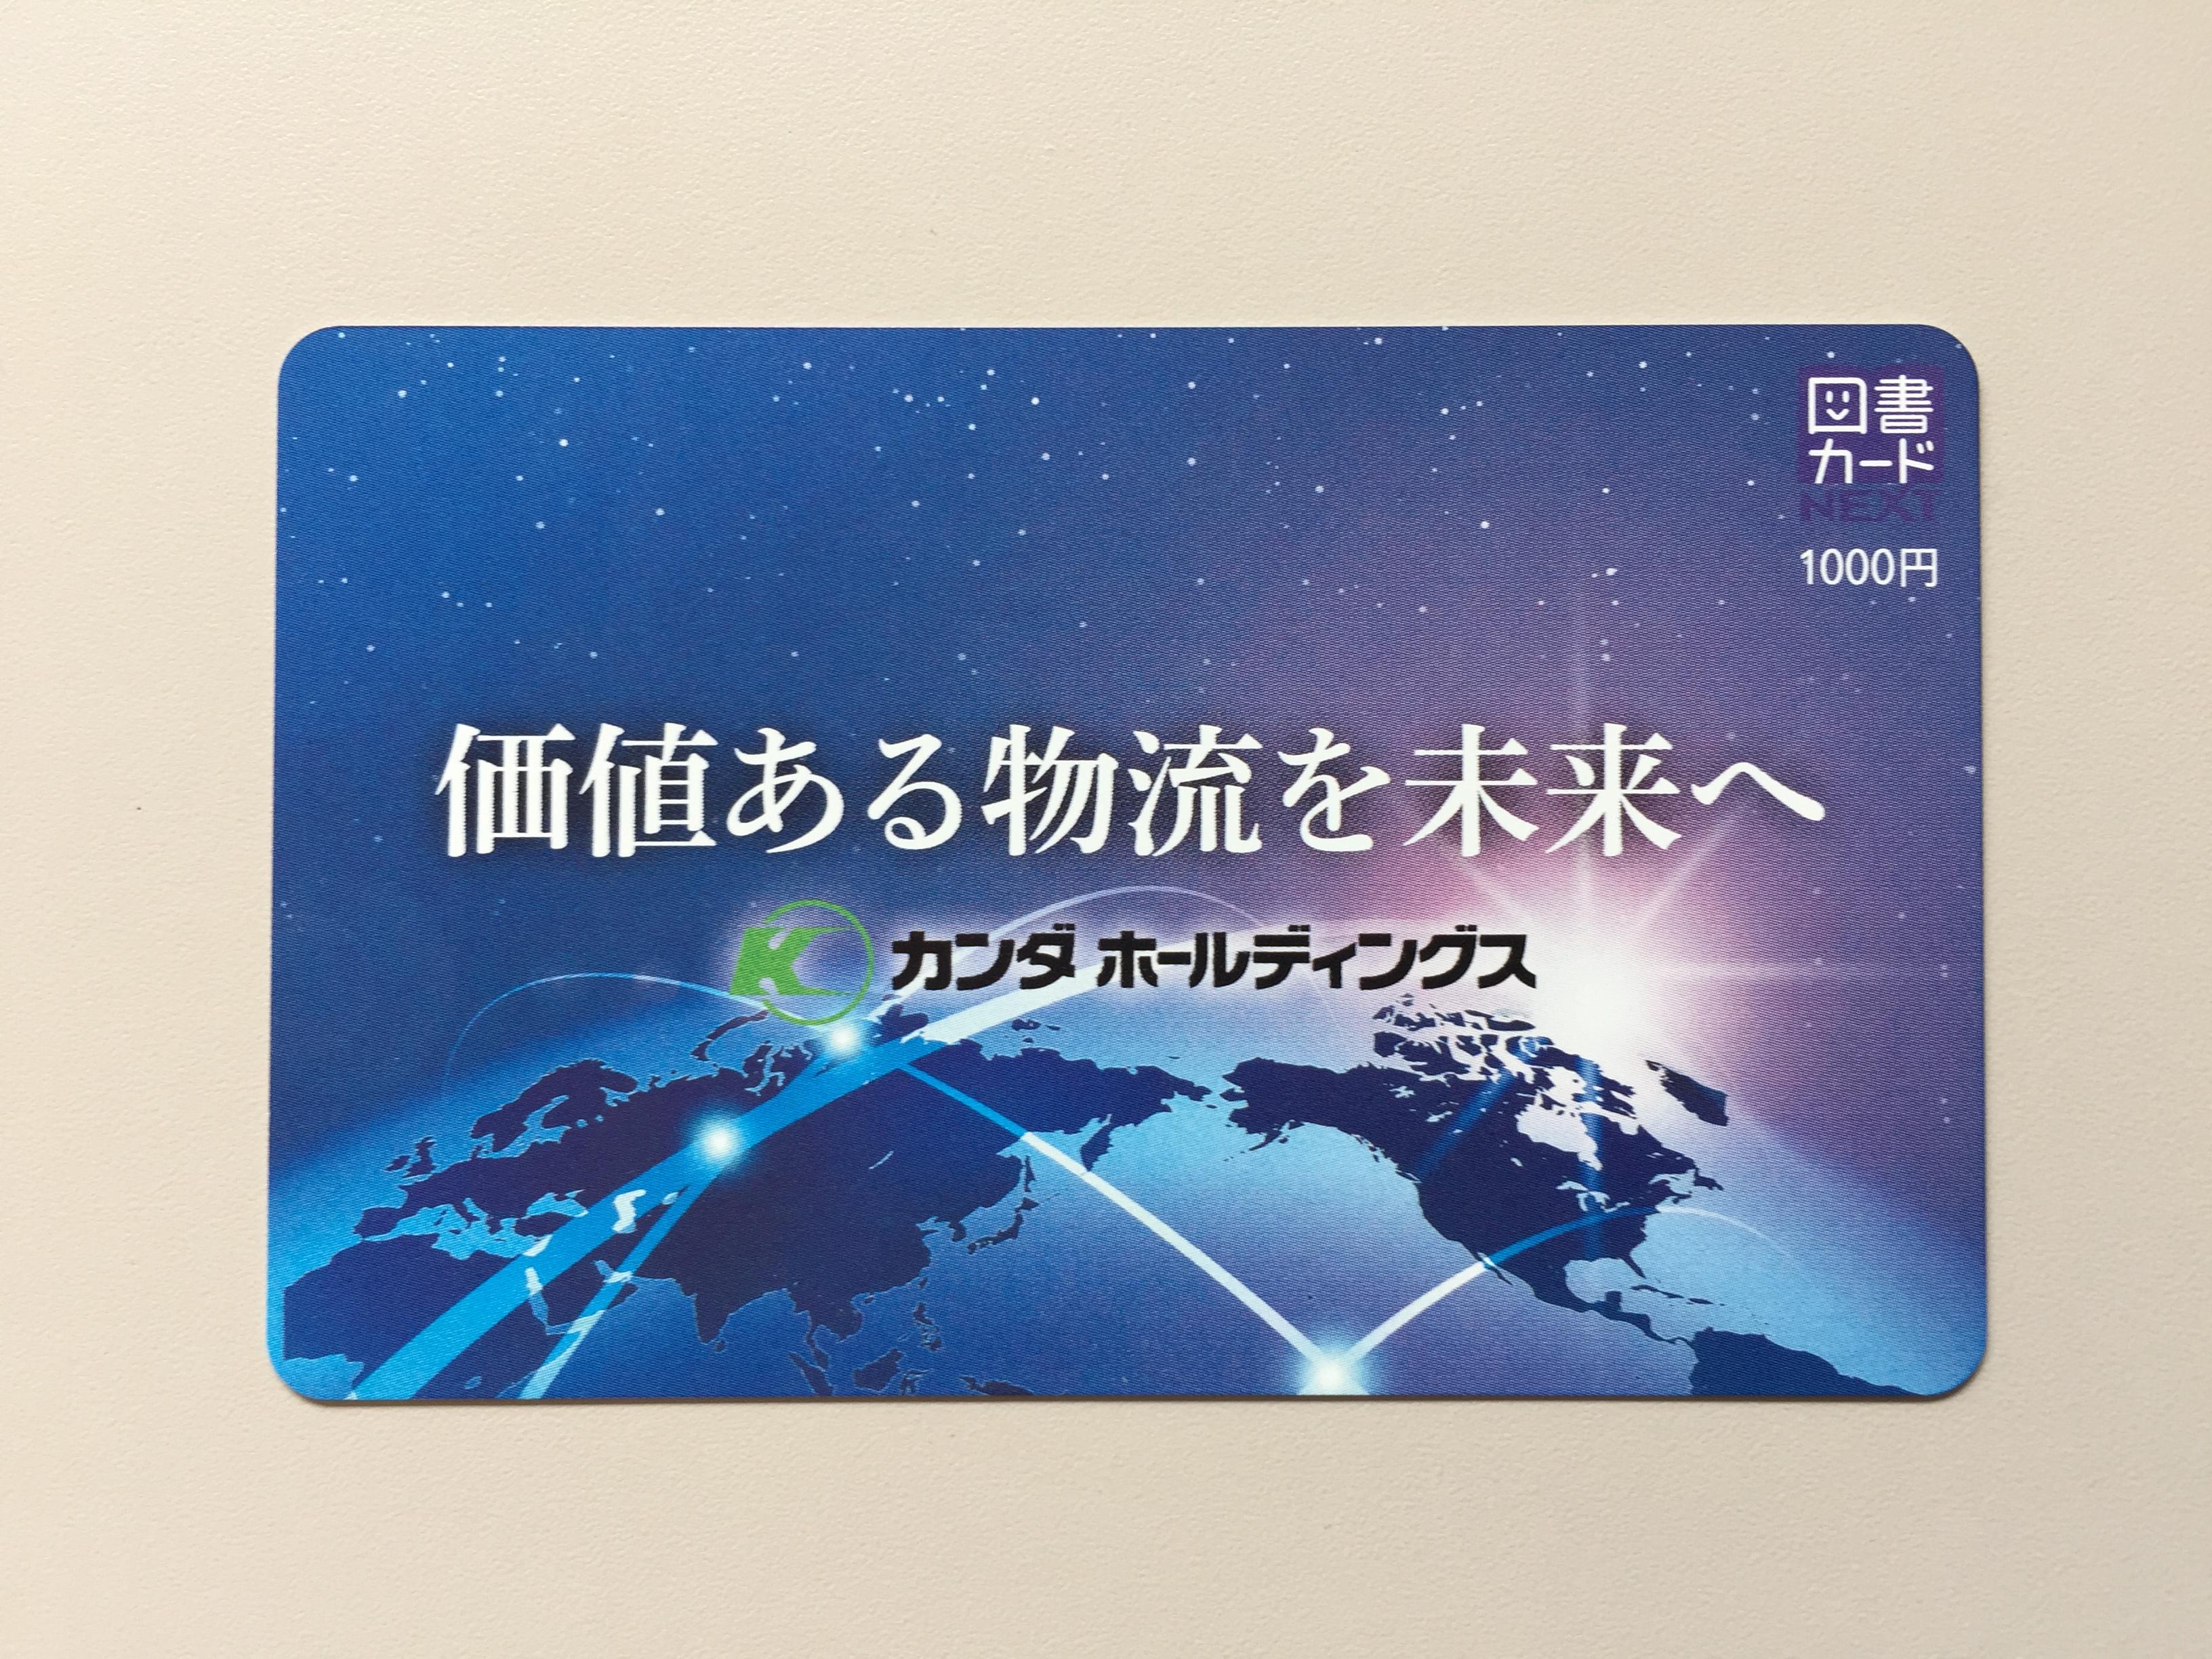 カンダホールディングスから株主優待 図書カードNEXTが届きました